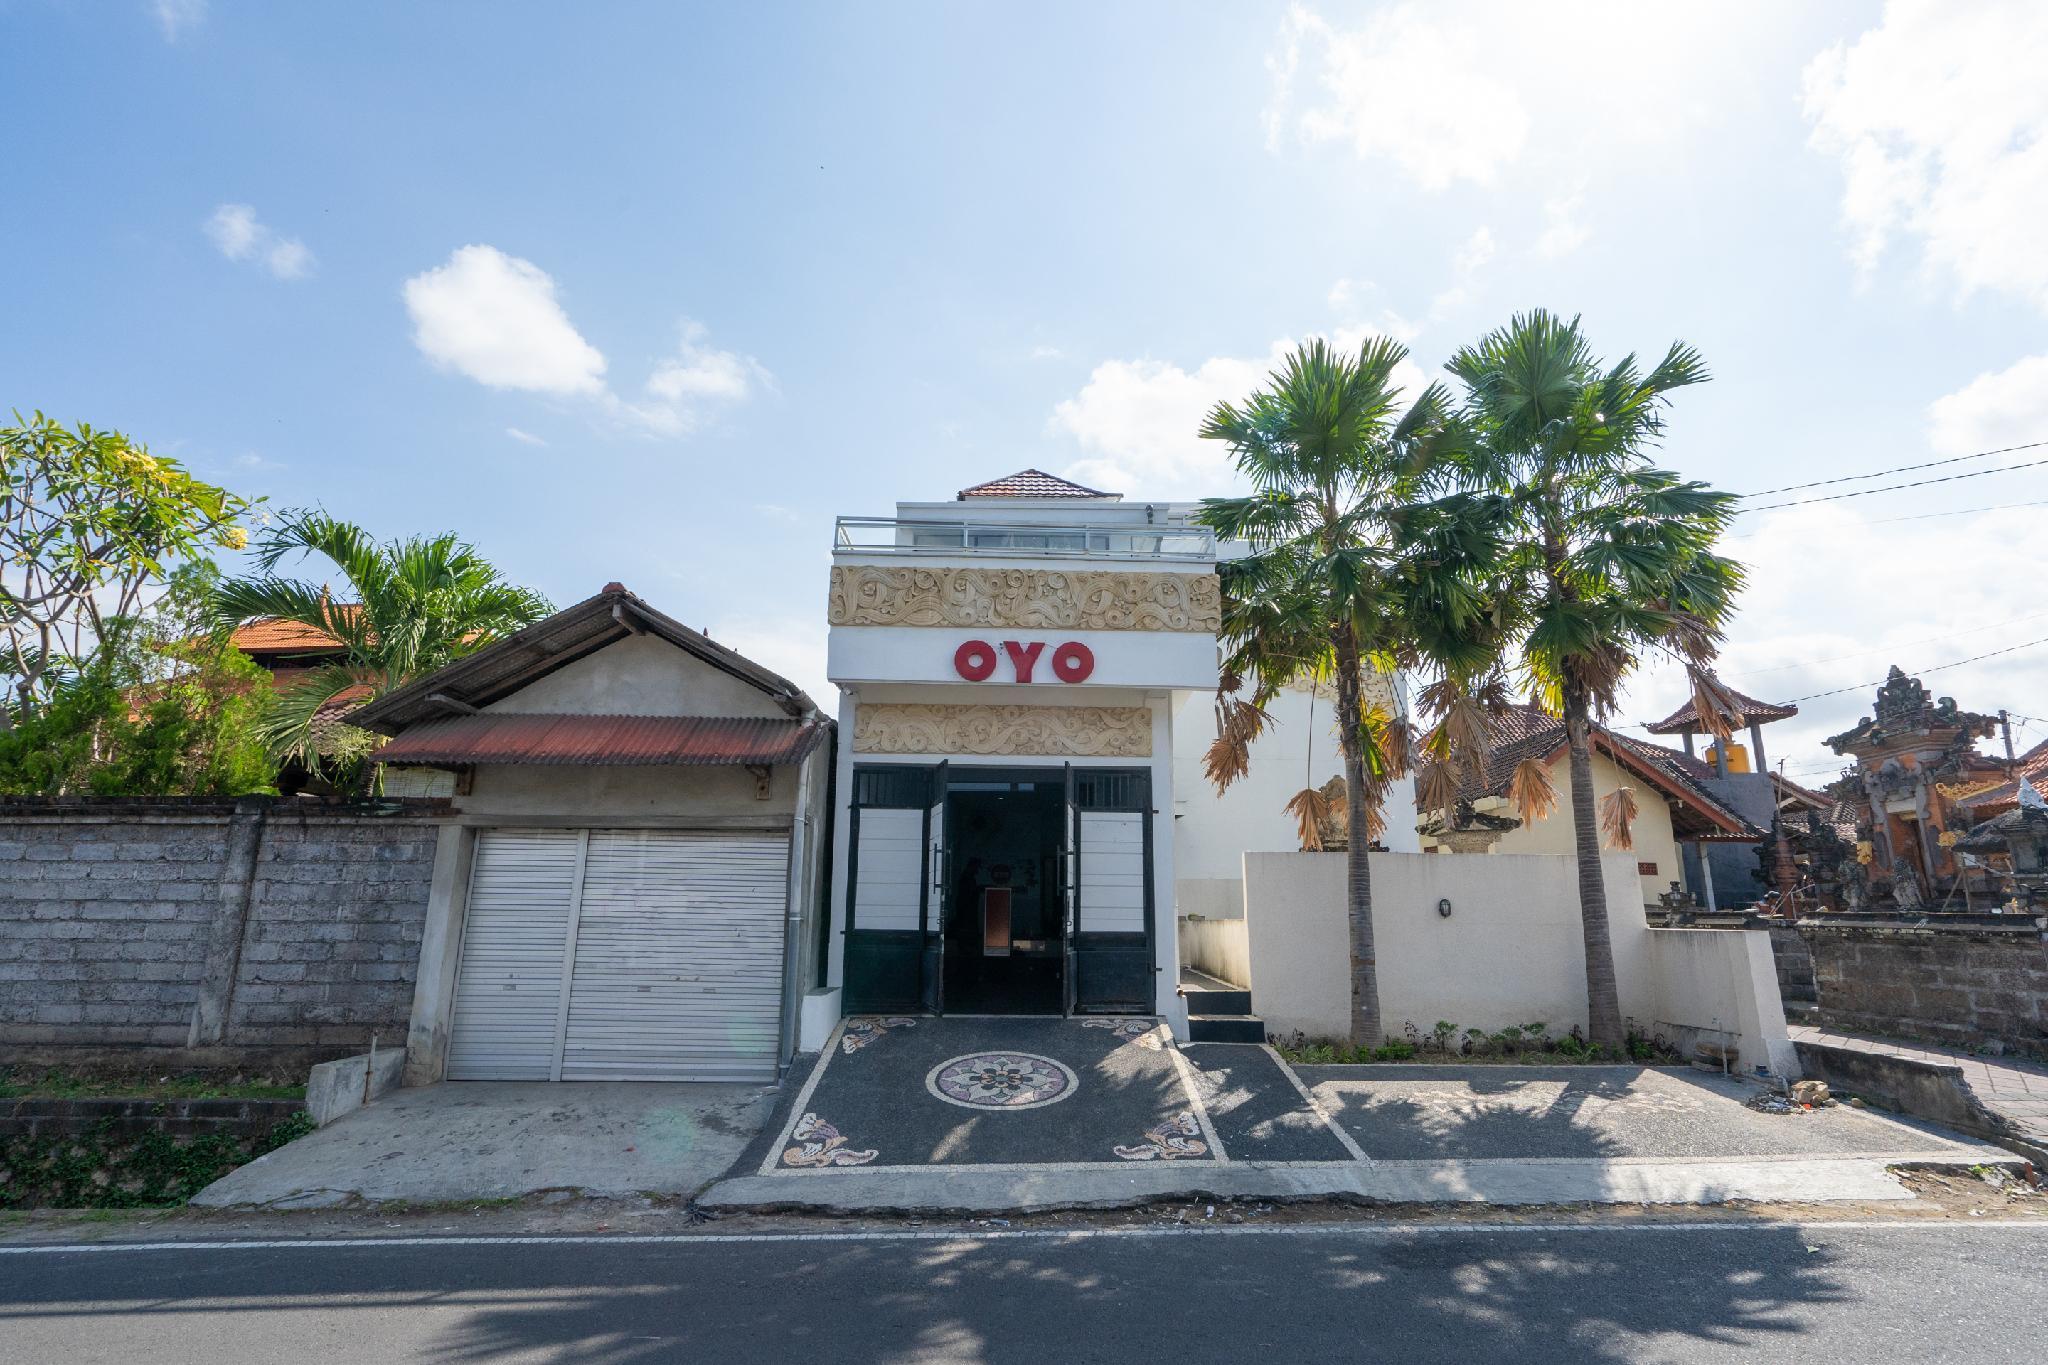 OYO 672 Bali Radiance Canggu